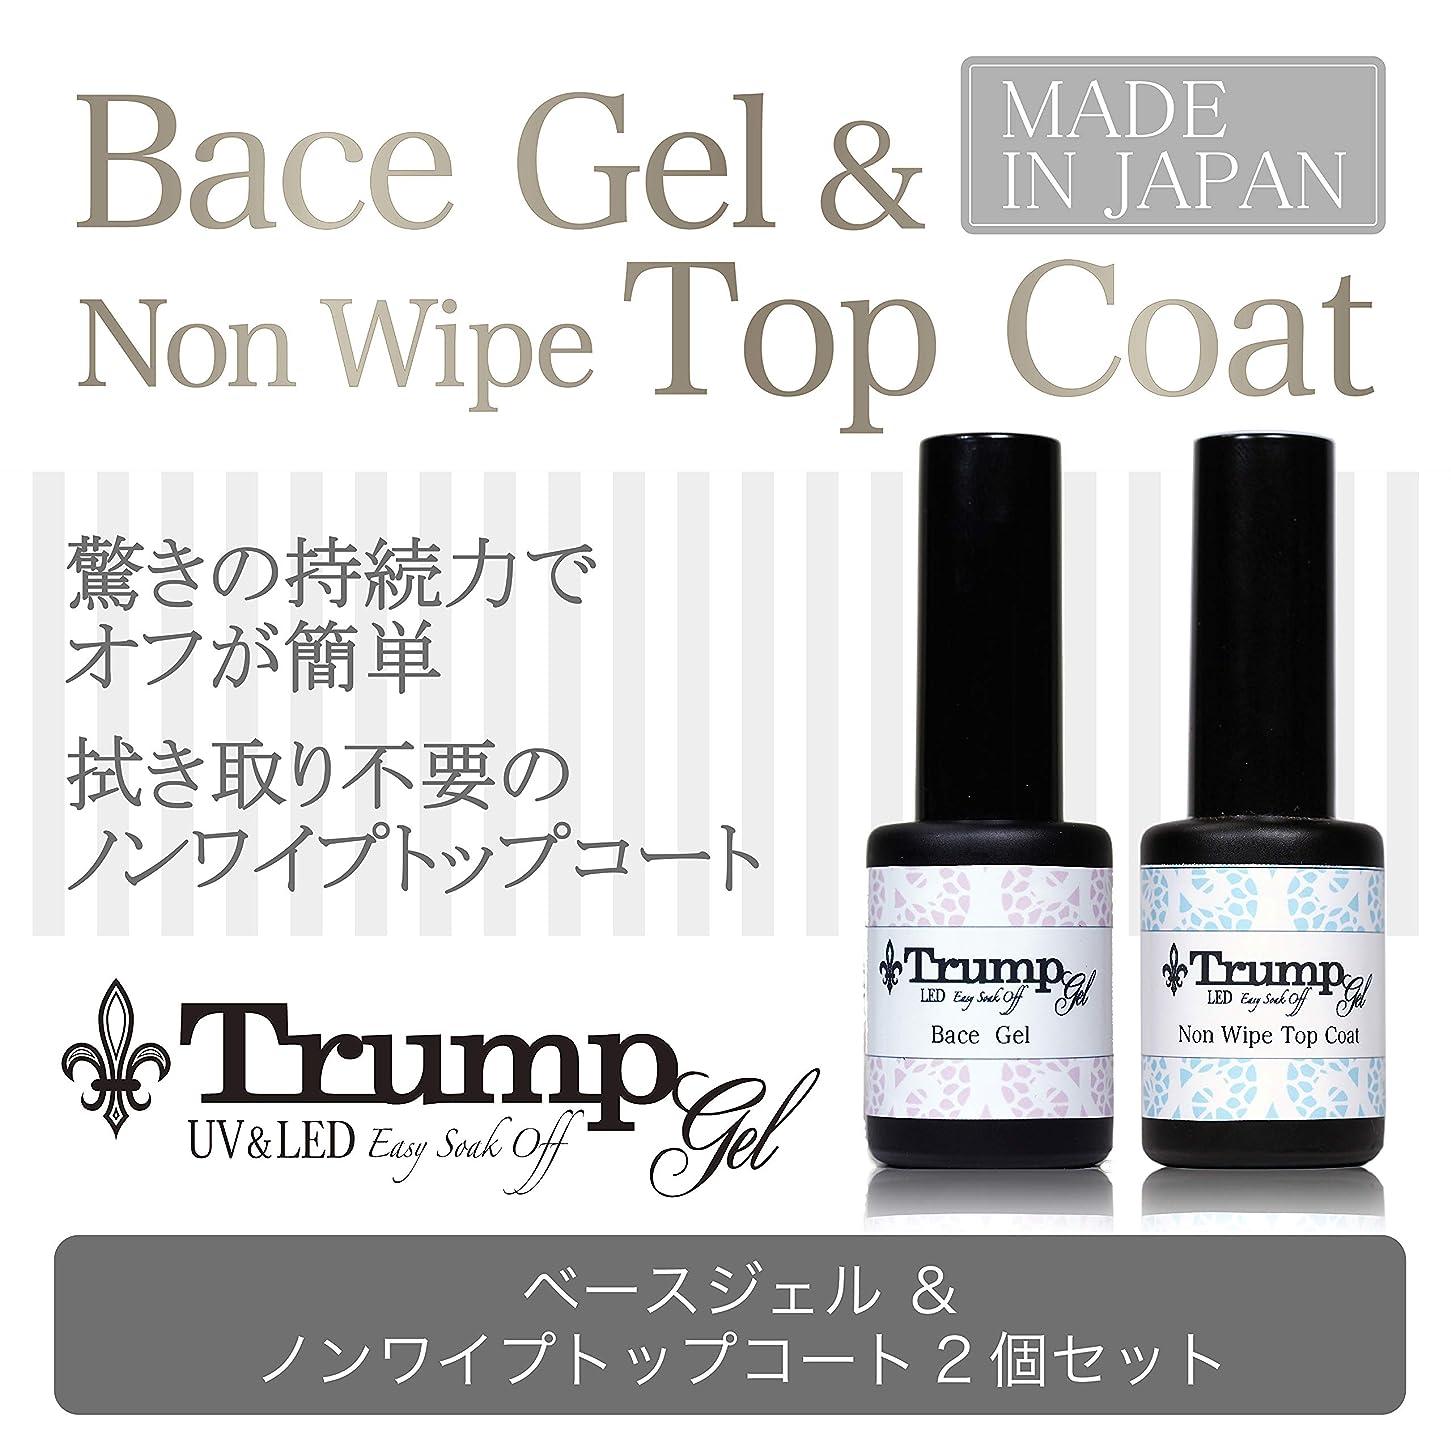 いろいろしょっぱい存在する【日本製】Trump Gel ジェルネイルUV LED ベースジェル & ノンワイプトップコート 大容量10g×2本セット